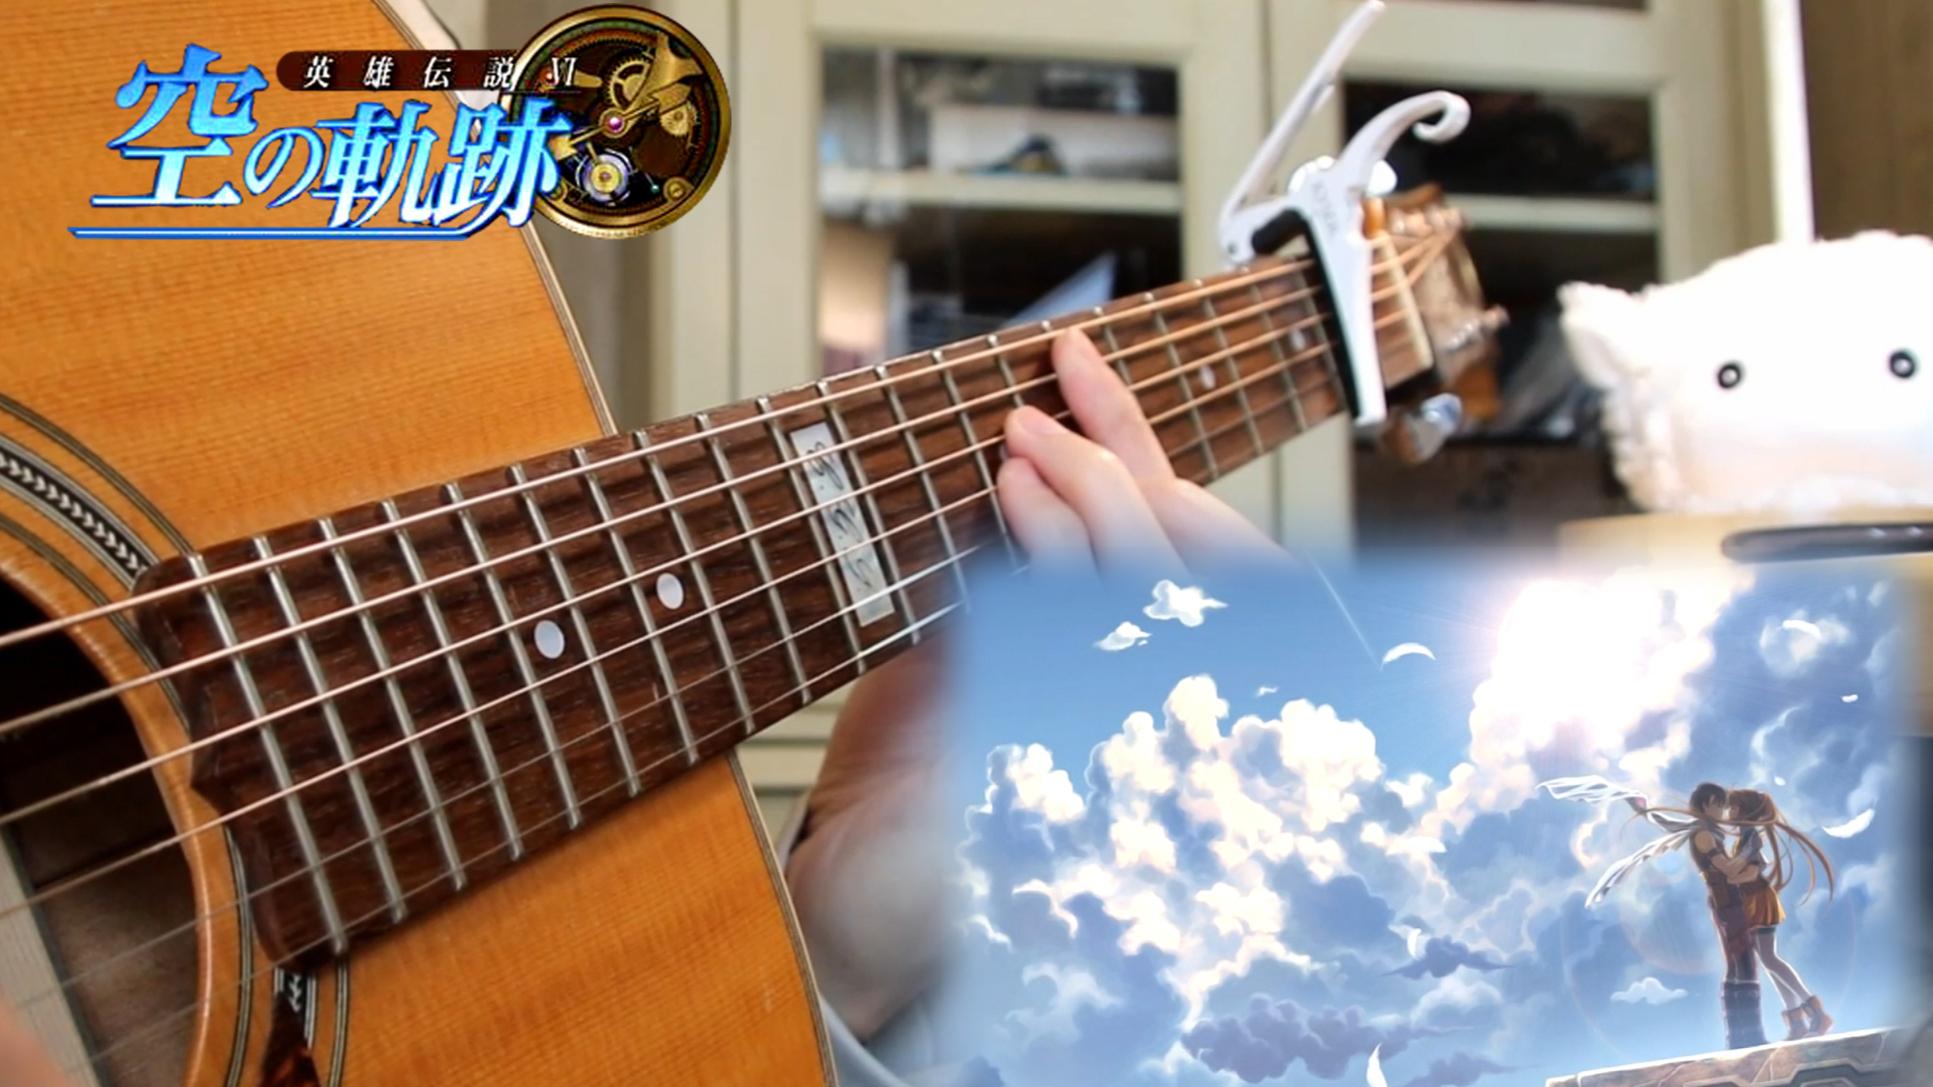 英雄传说:空之轨迹经典曲目吉他连弹,你还记得几首?